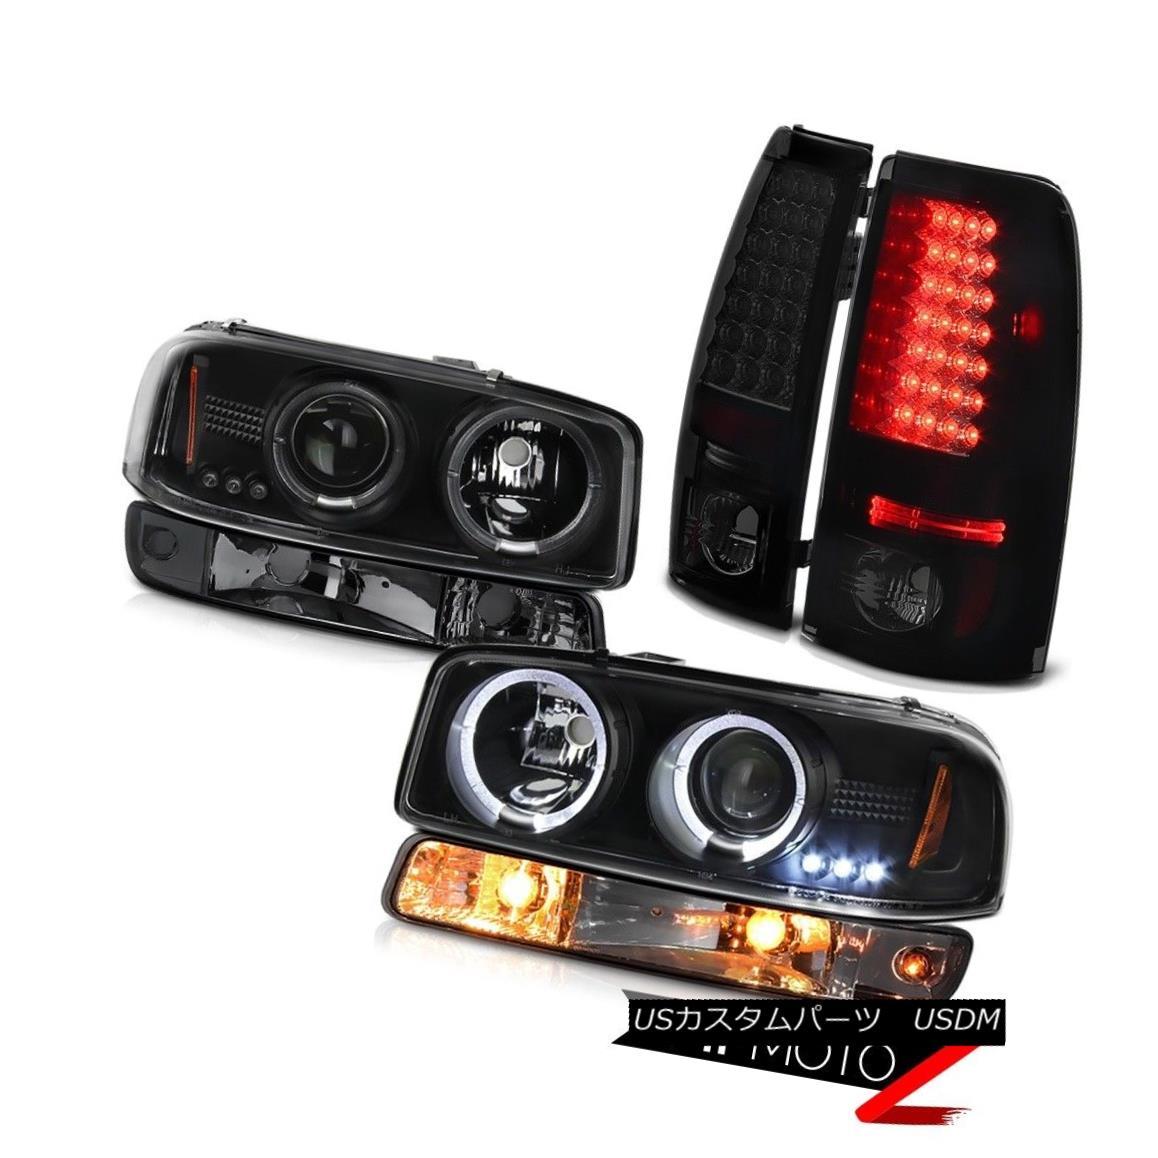 ヘッドライト 1999-2002 Sierra SLT LED tail lights smokey parking light matte black headlights 1999-2002シエラSLT LEDテールライトスモーパーキングライトマットブラックヘッドライト